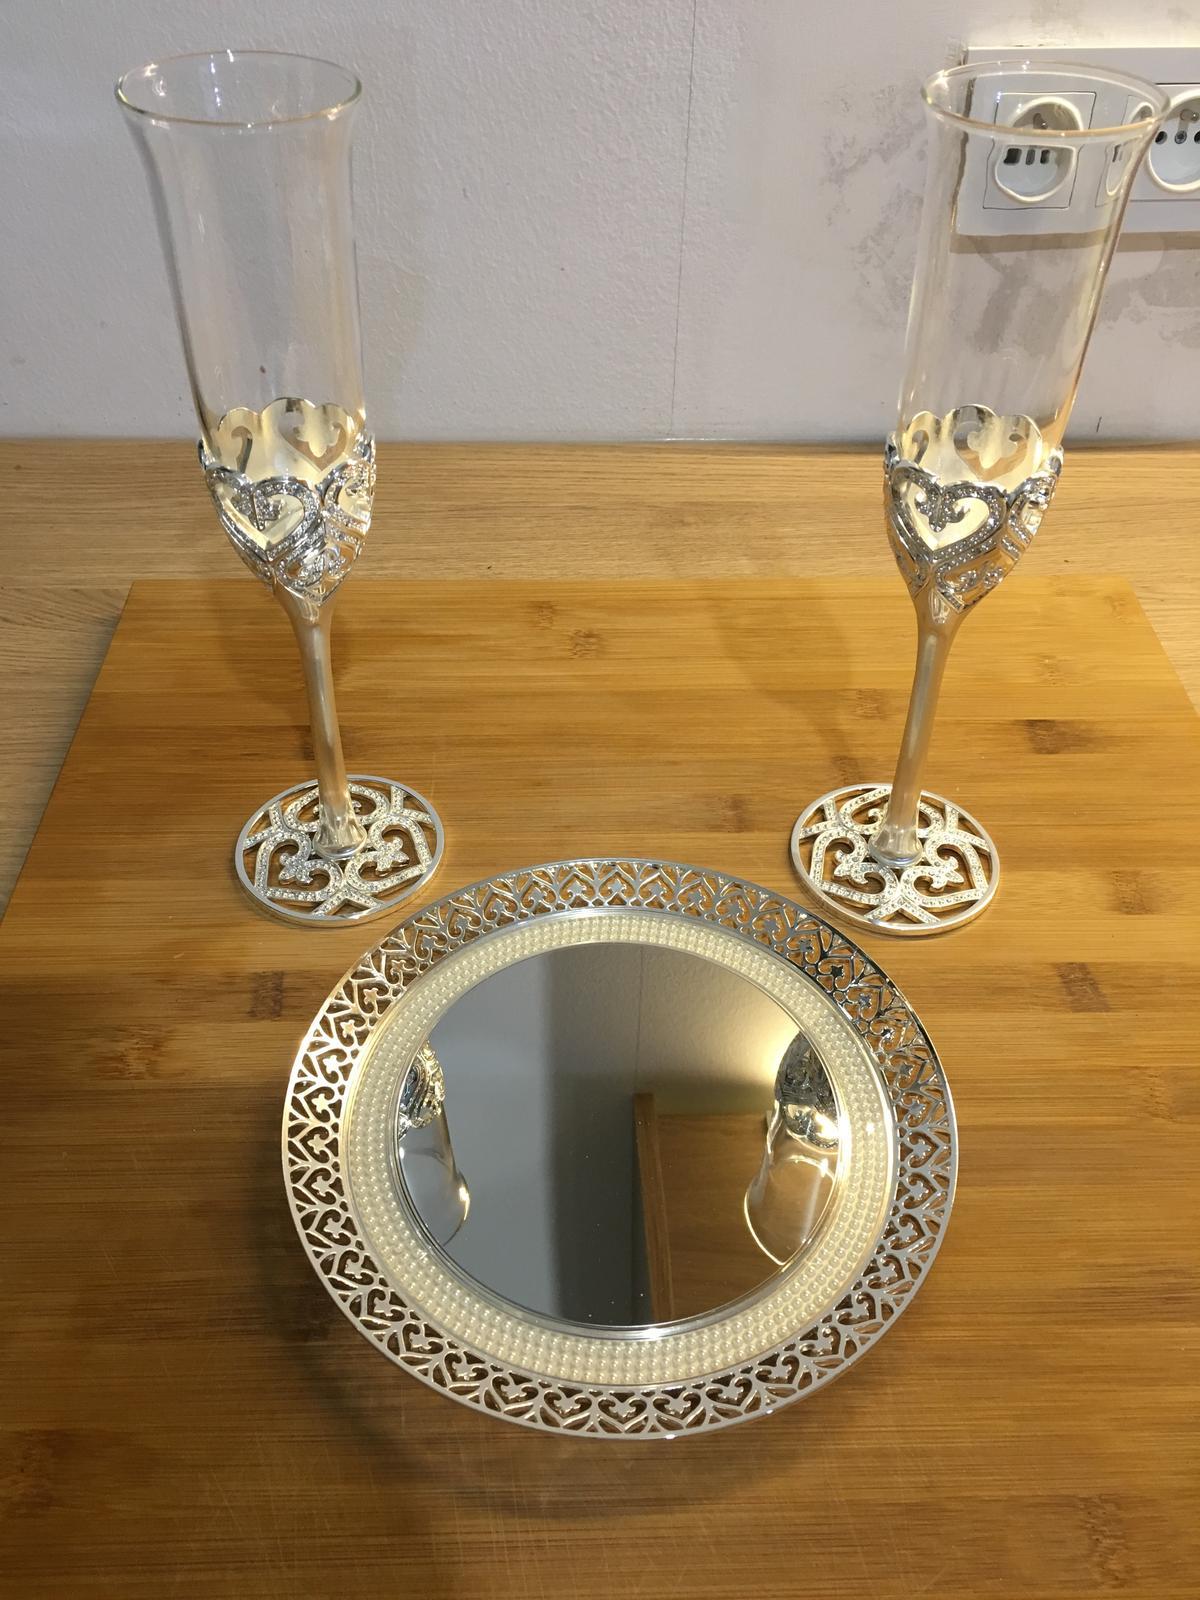 Svatební sada (2 sklenice na sekt + talířek)  - Obrázek č. 1